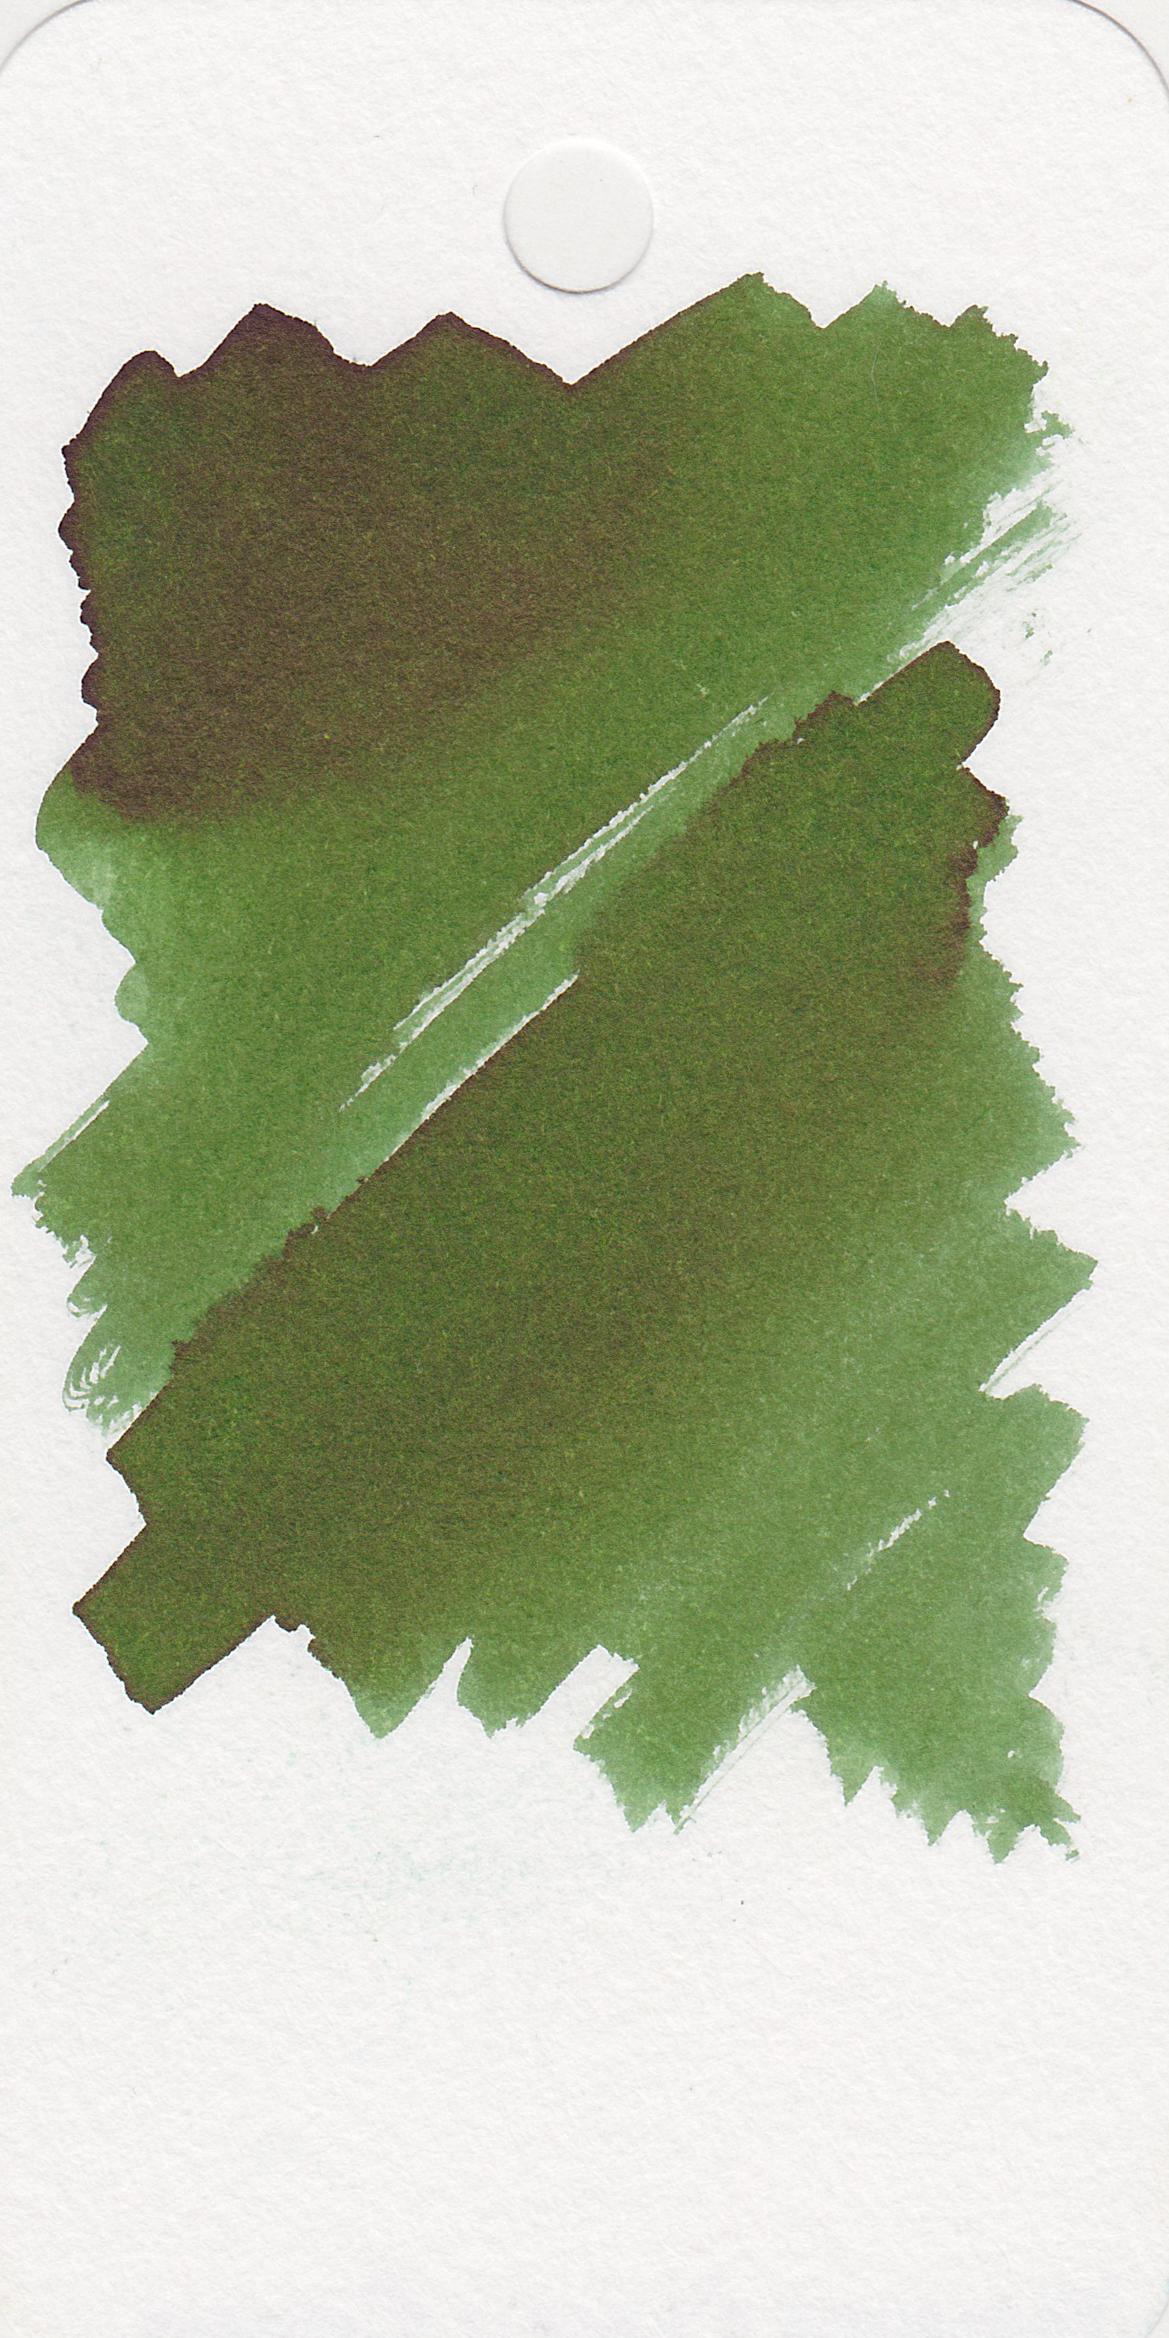 ro-moss-2.jpg